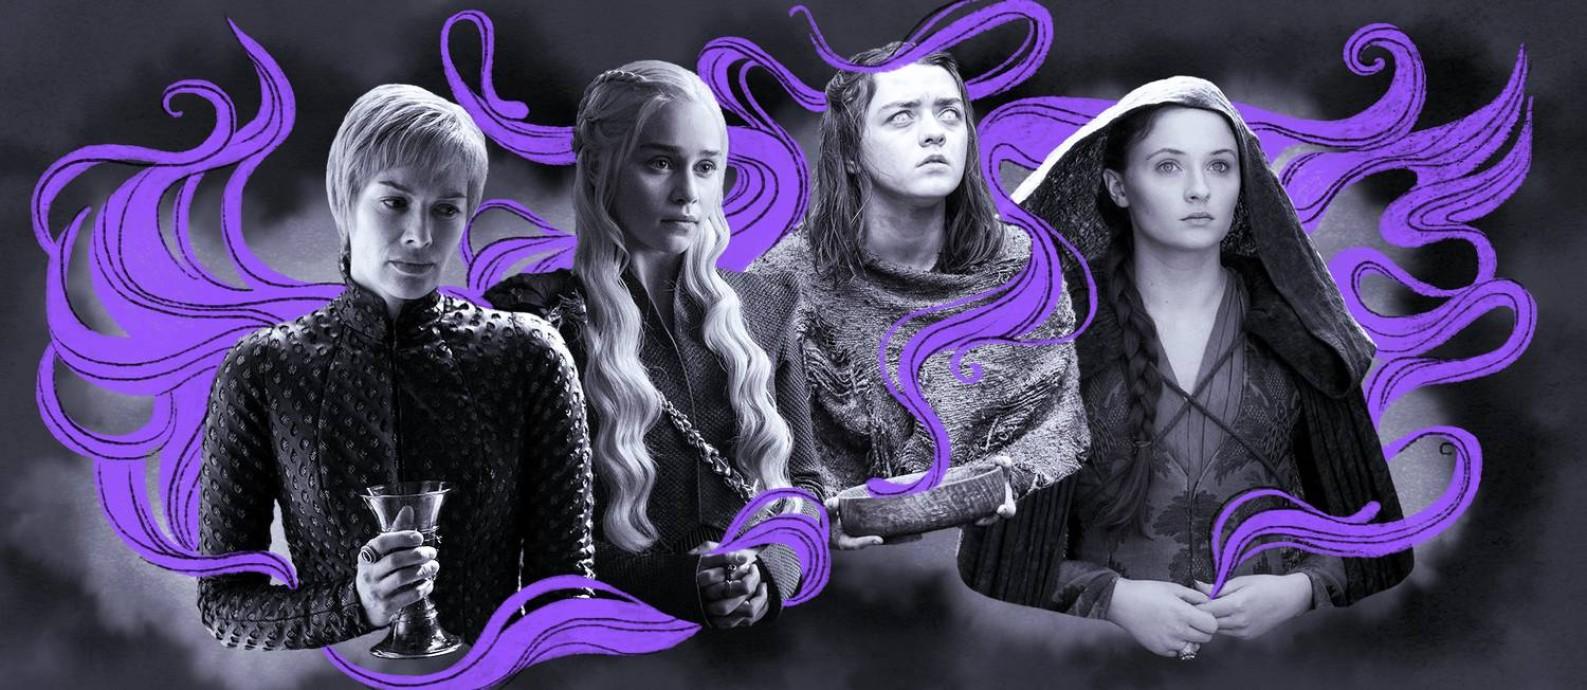 Mulheres de Game of Thrones Foto: Ilustração de Lari Arantes sobre reprodução